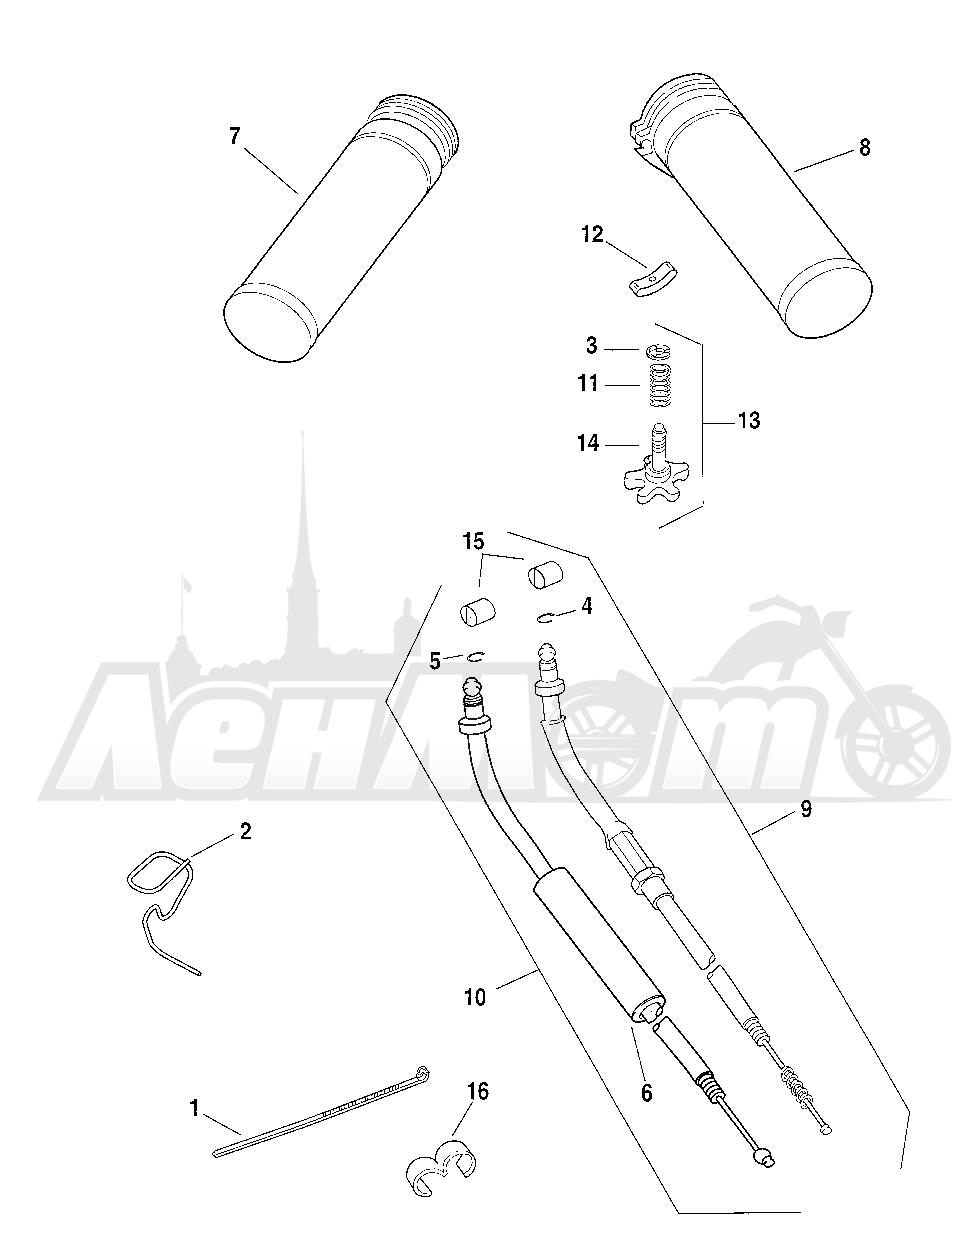 Запчасти для Мотоцикла Harley-Davidson 2005 FXSTD SOFTAIL® (BS) (CARBURATED) Раздел: THROTTLE CONTROL ASSEMBLY W/ GRIPS | дроссель управление в сборе вместе с ручки